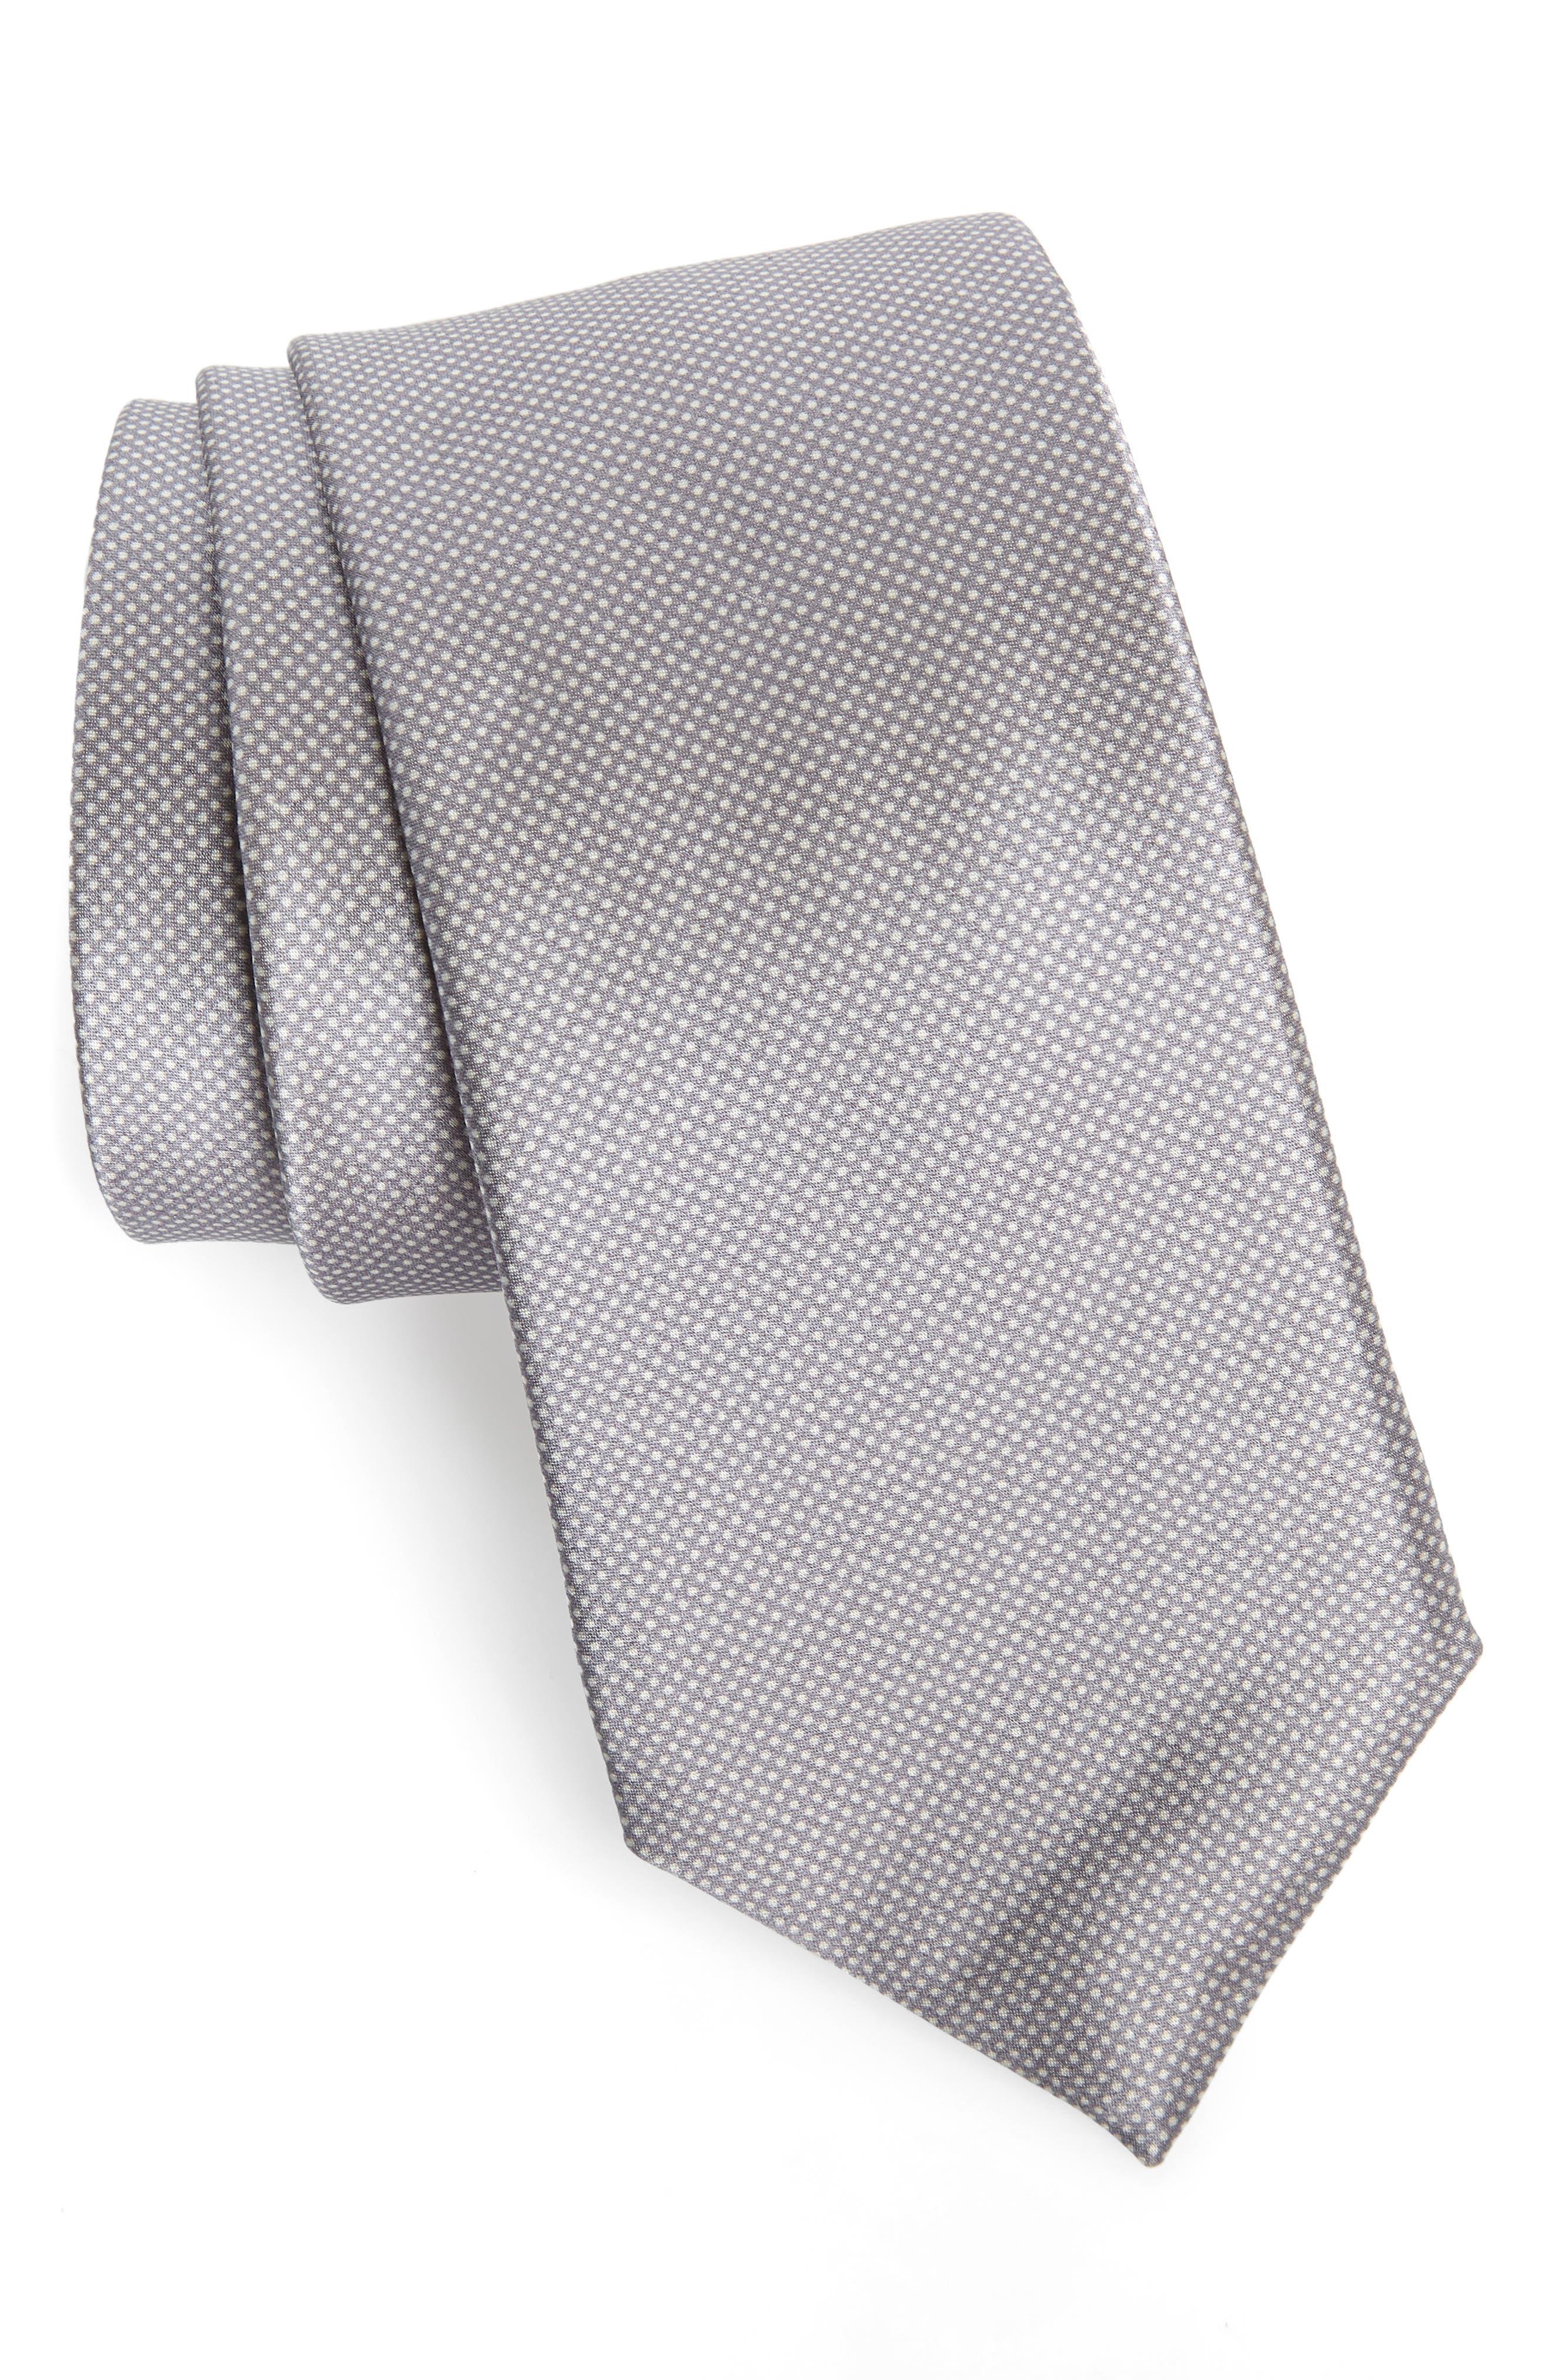 Spots Silk Tie,                         Main,                         color, SILVER